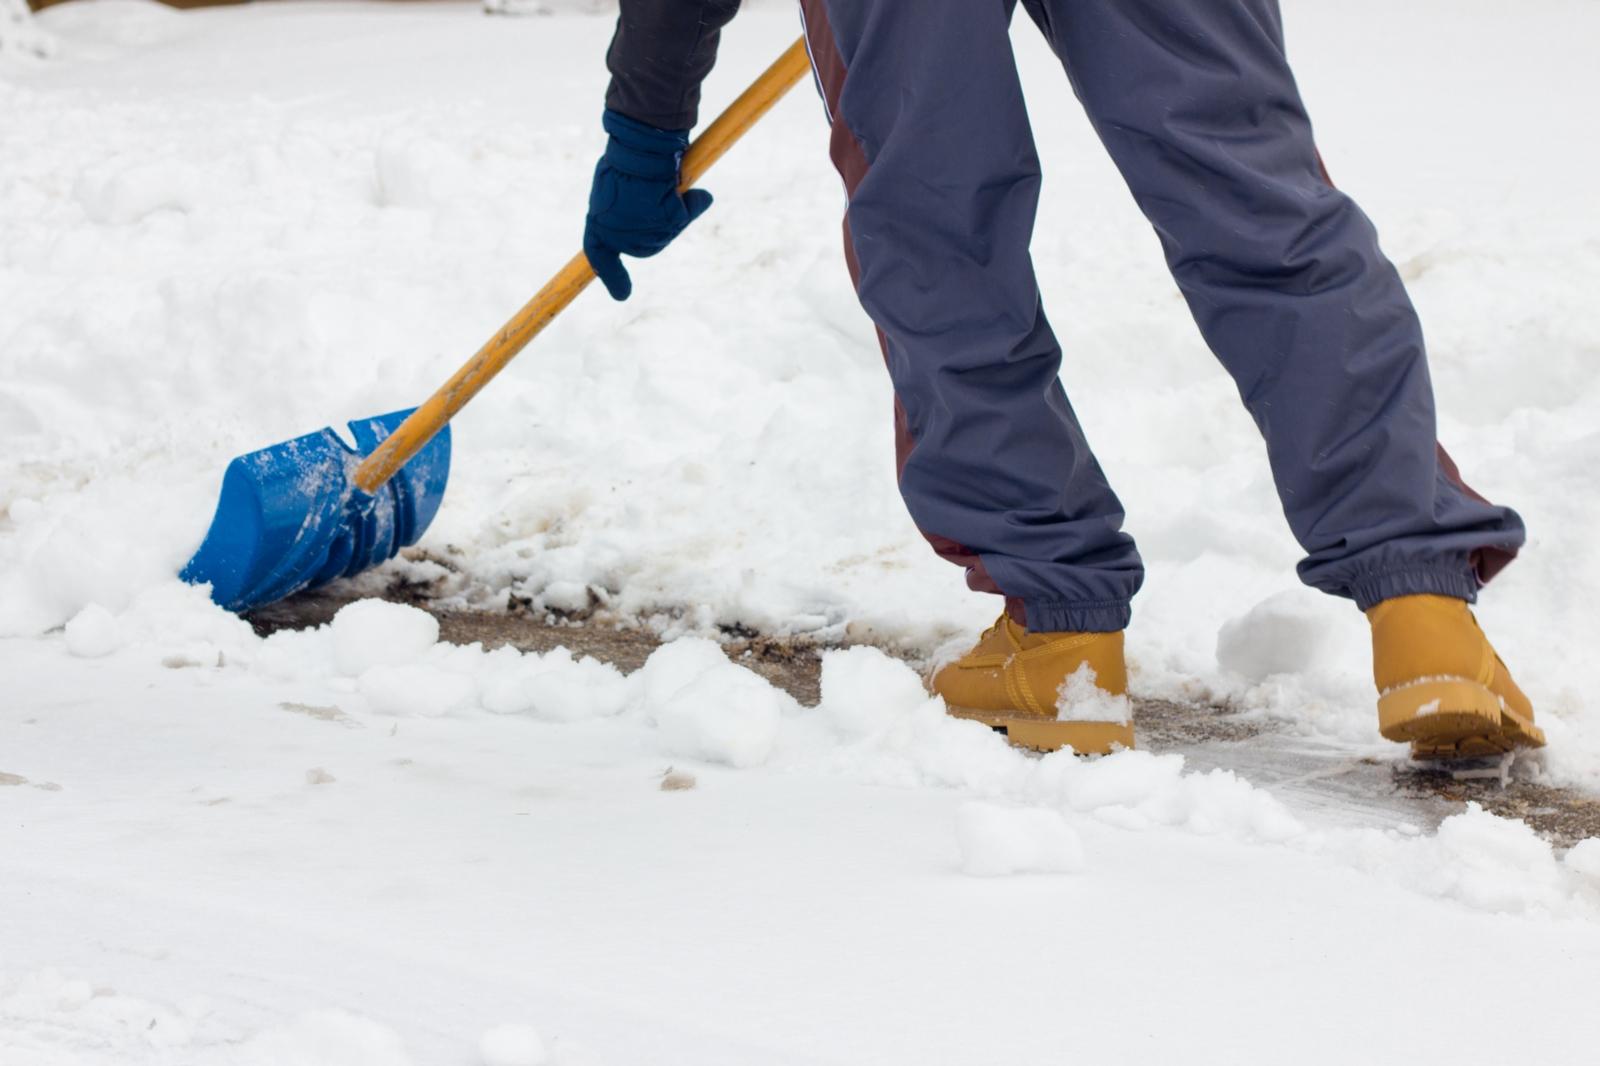 Согласитесь, было бы здорово, если бы кучи снега таяли как-нибудь сами.